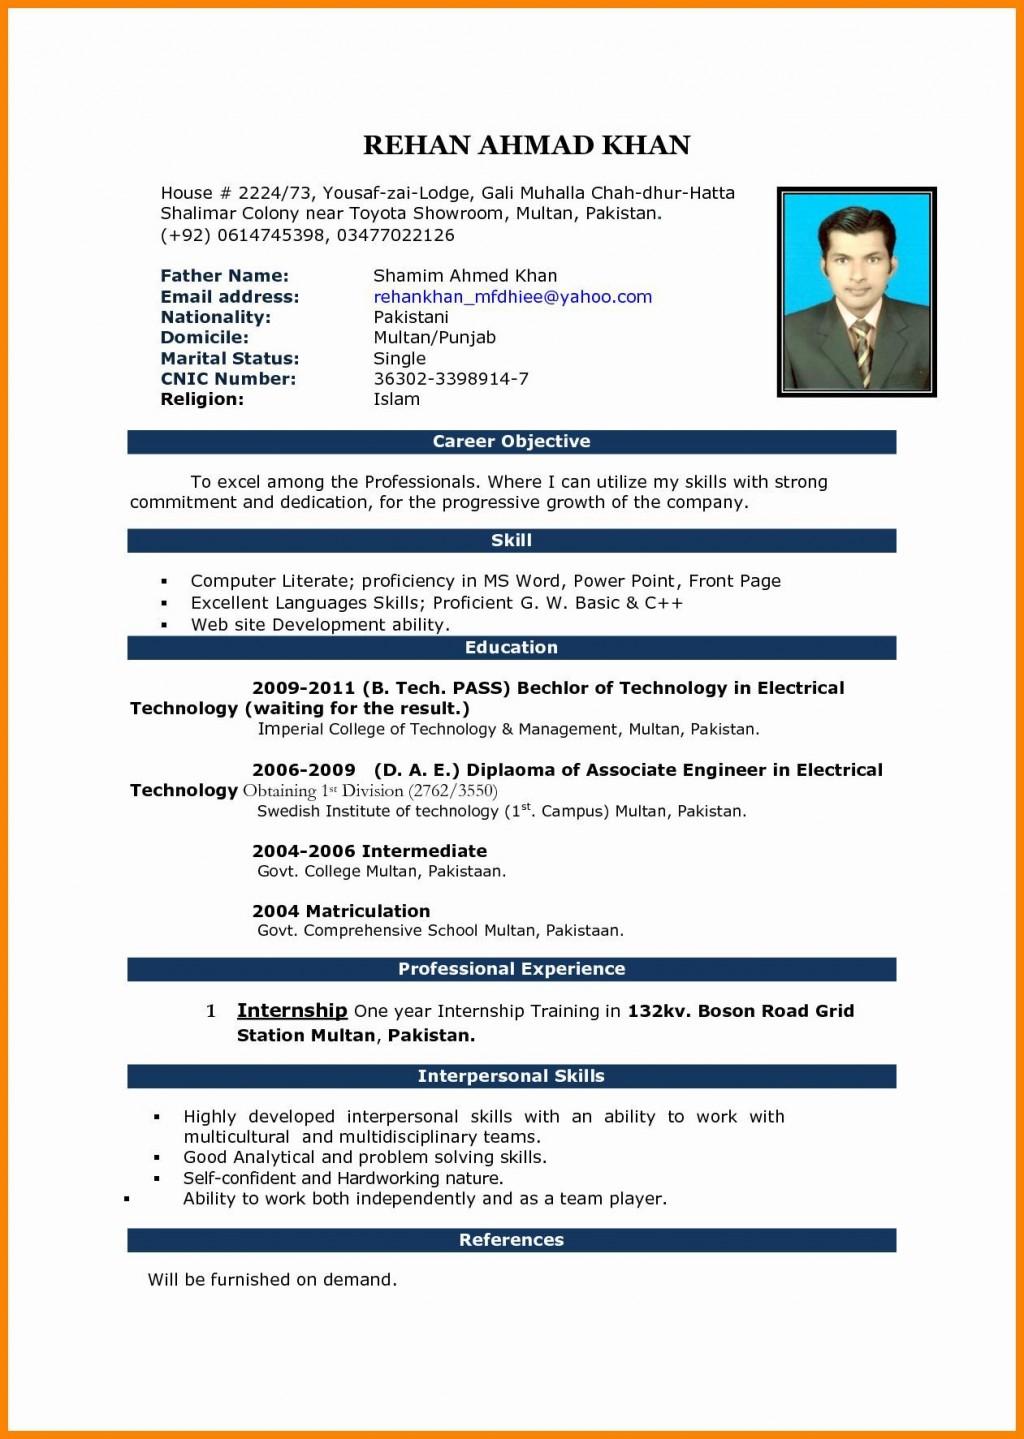 002 Phenomenal Free Resume Template Microsoft Word 2010 High Def  Cv DownloadLarge